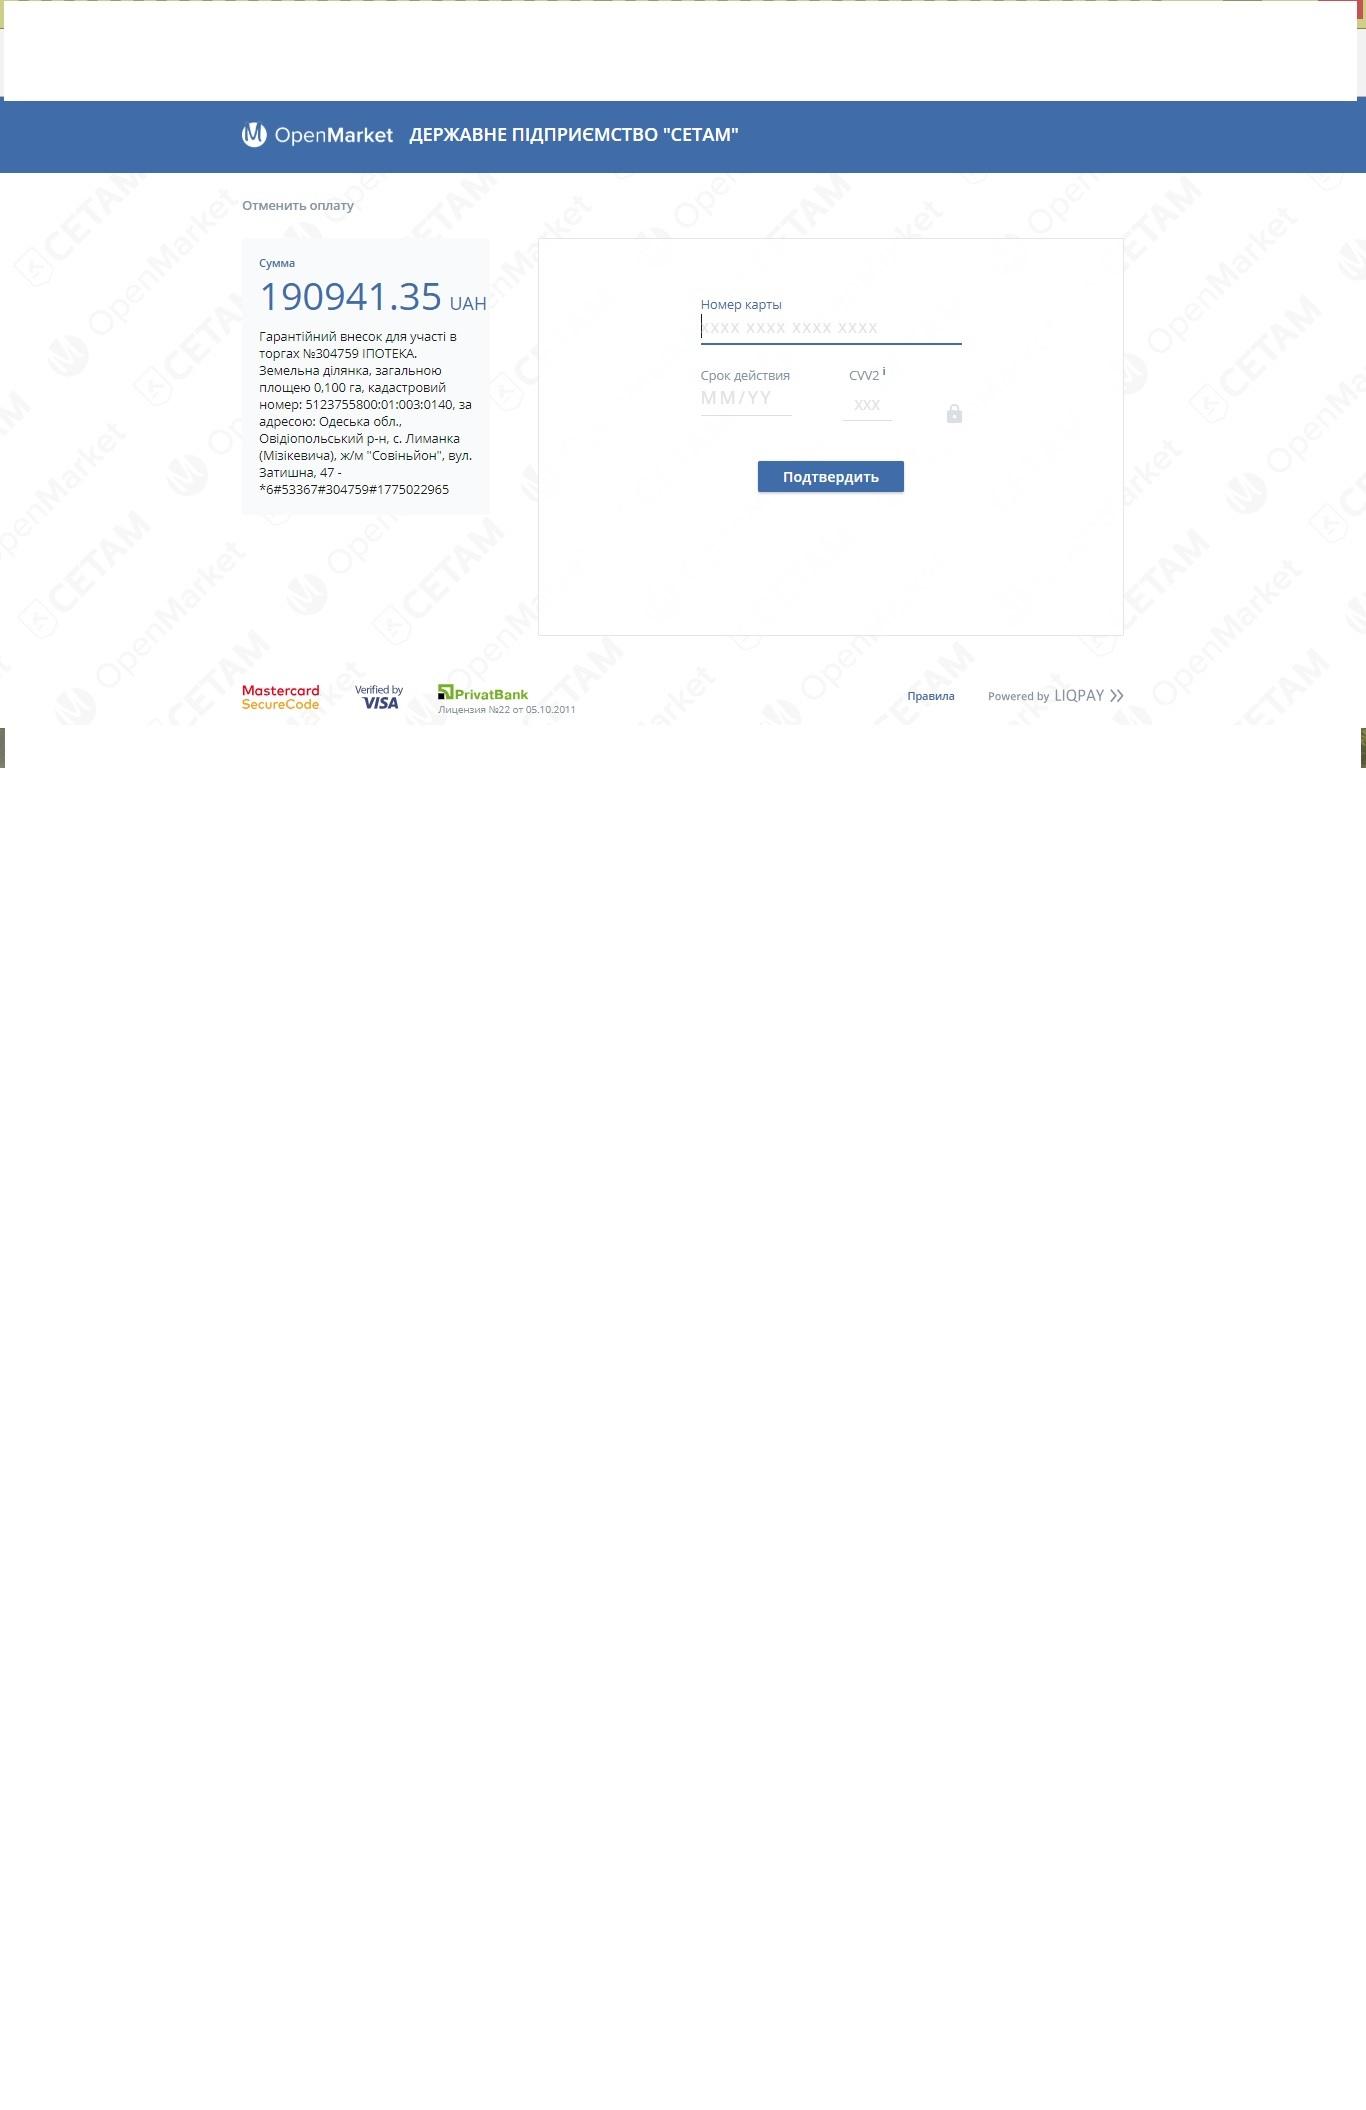 image http://forum.setam.net.ua/assets/images/562-qH8jIqpVEiWJ7FPc.jpeg